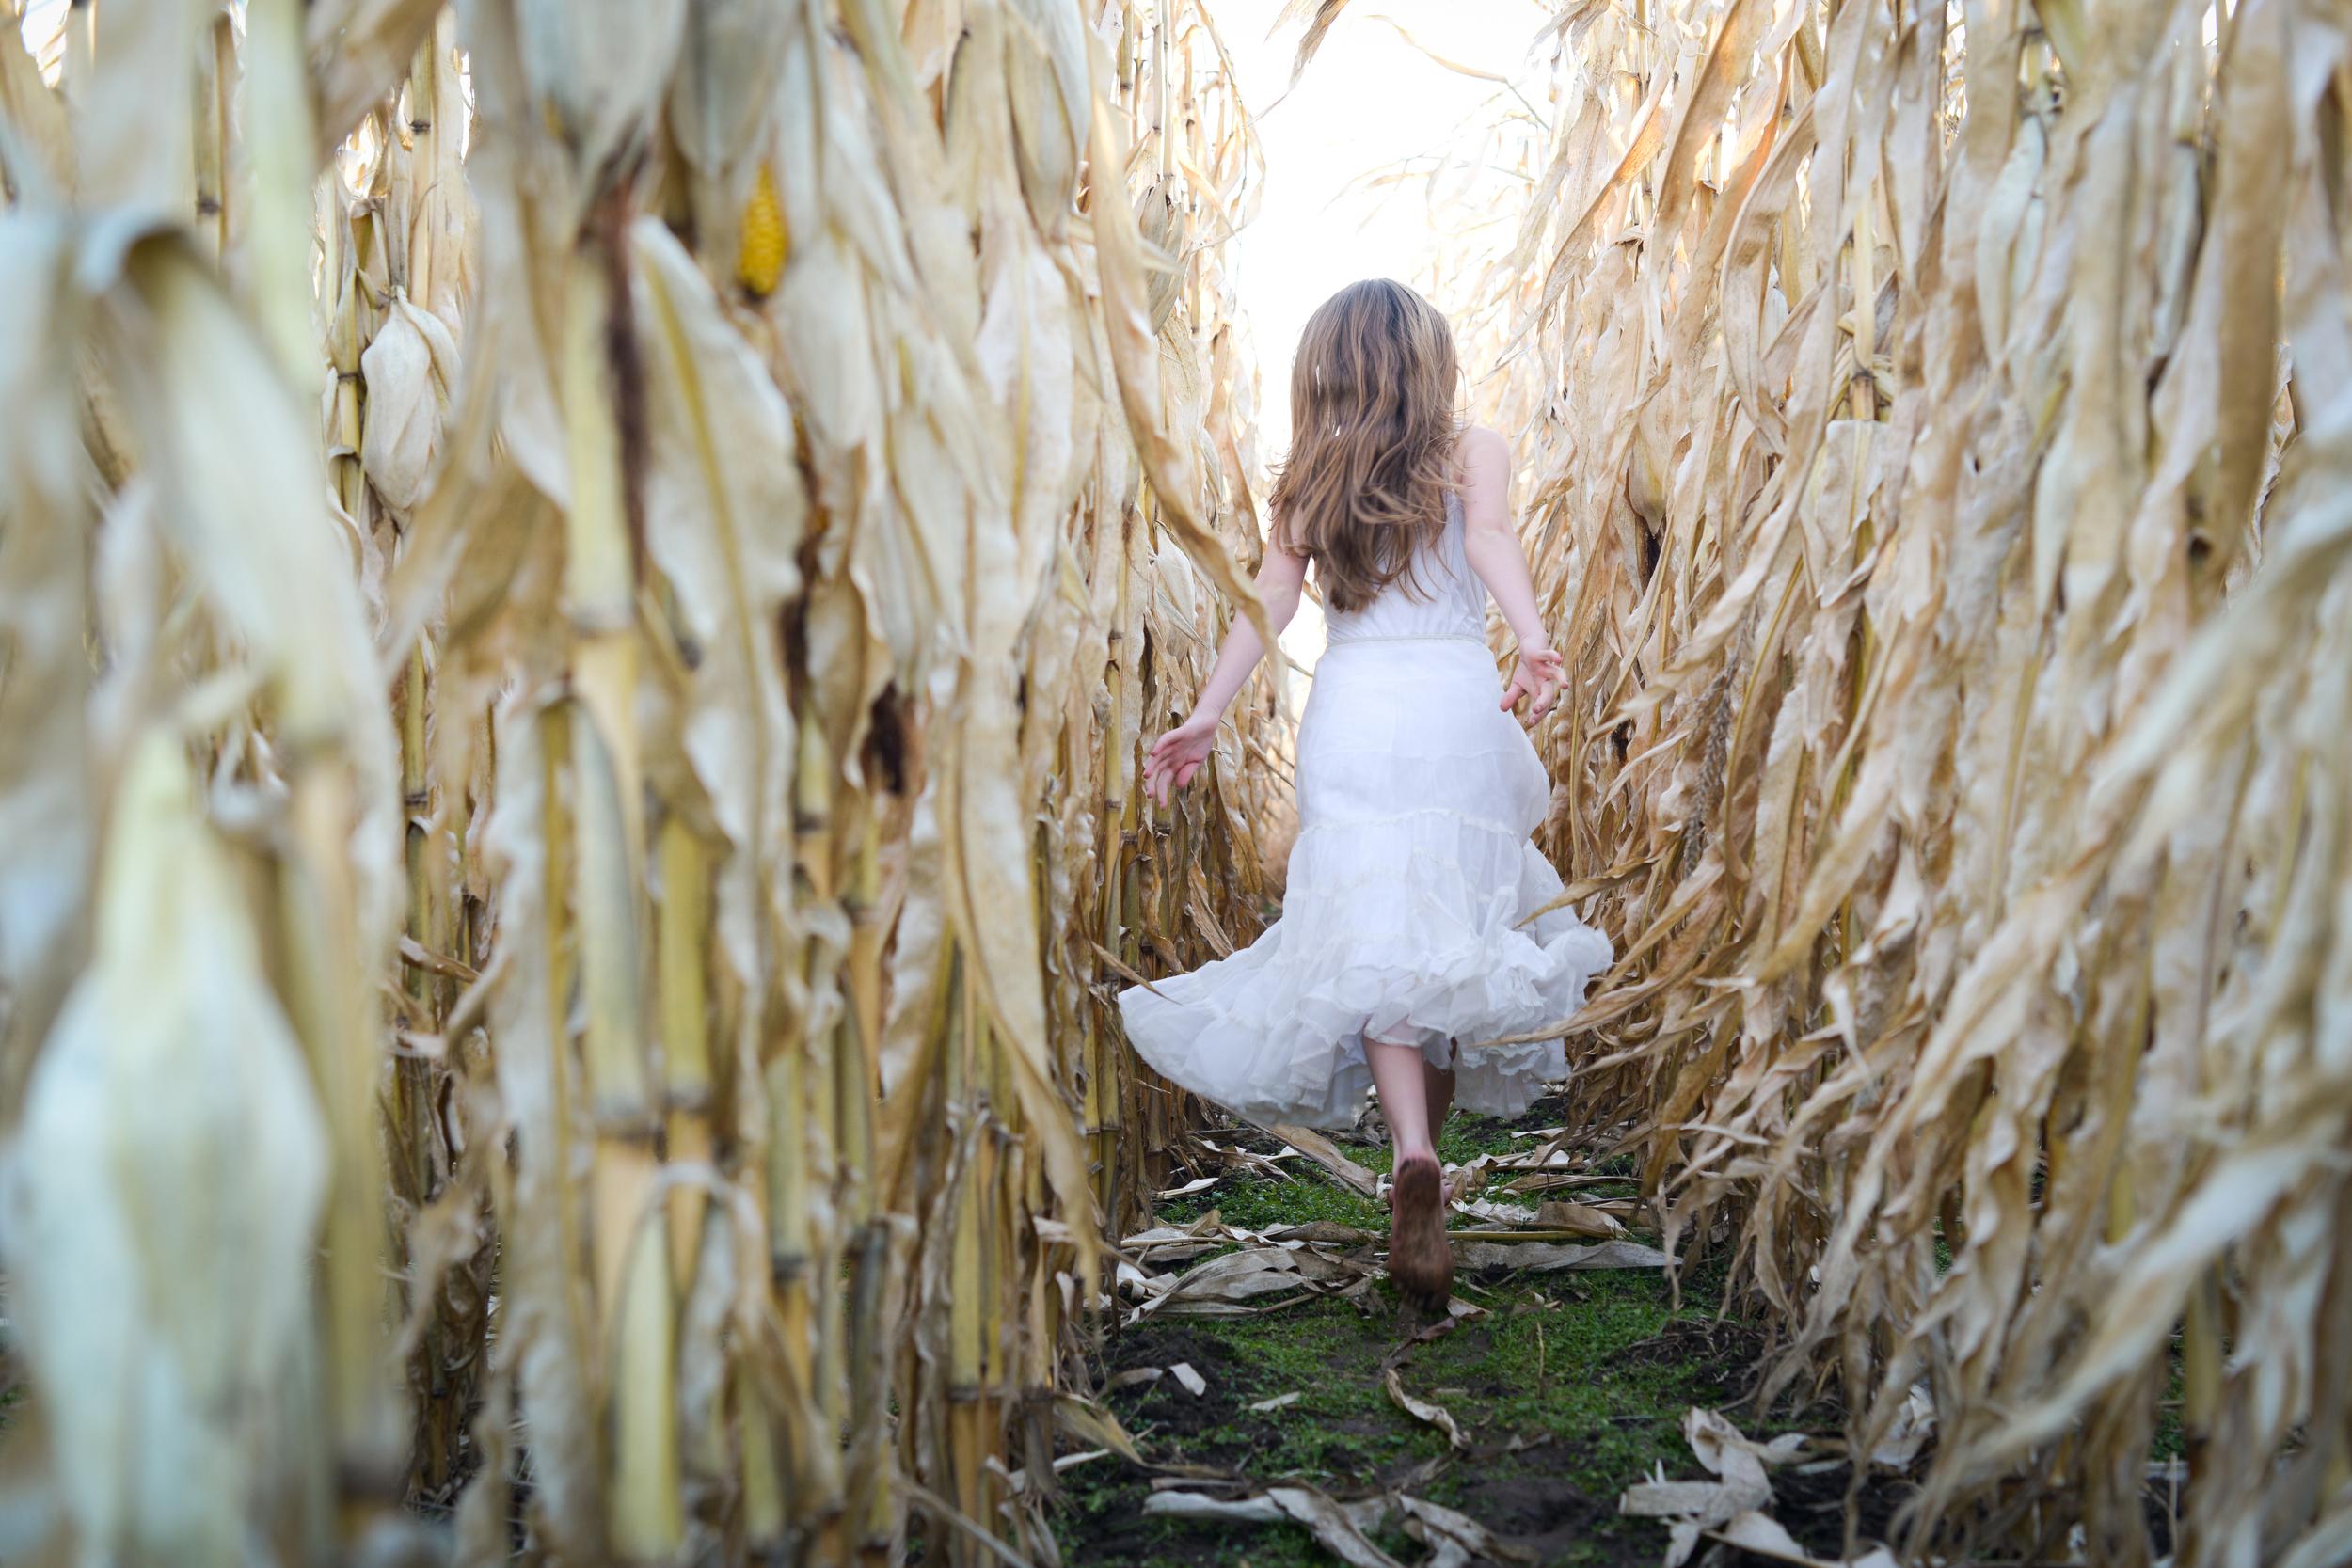 Girl Running Through Maize by Amherst Fine Art Photographer